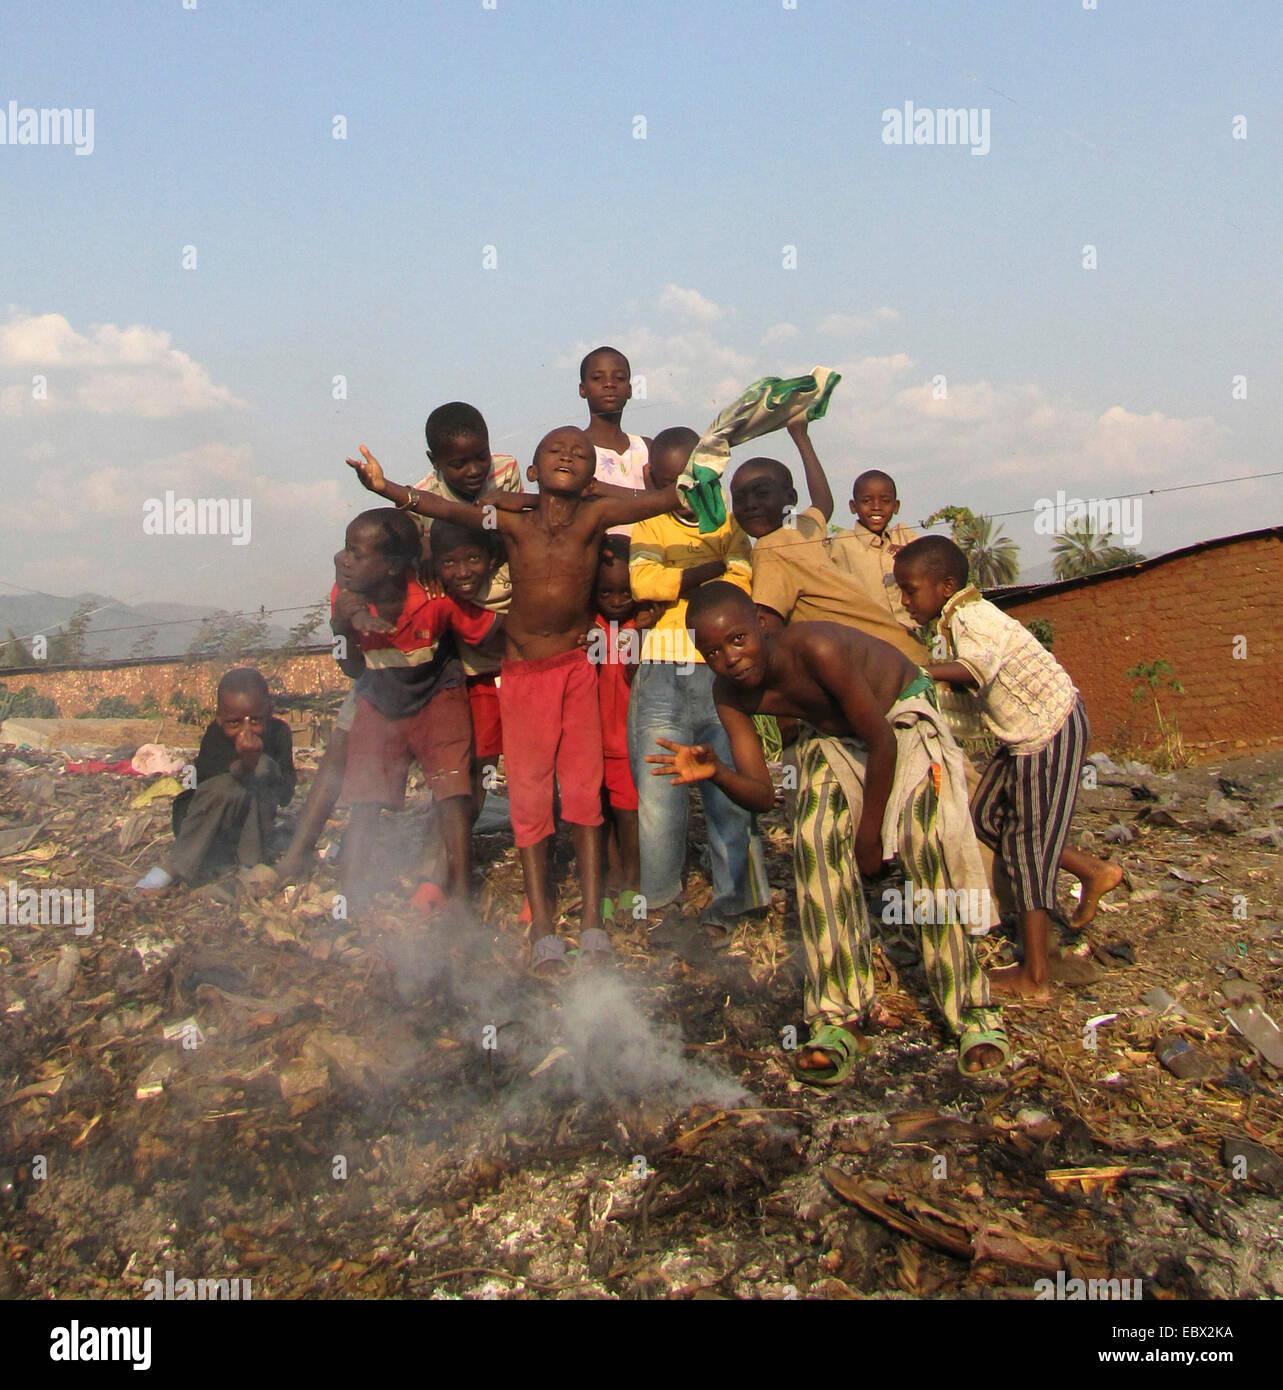 Kinder posiert auf einer Deponie in den Slums hinter brennenden Müll, Burundi, Bujumbura Mairie, Buyenzi, Bujumbura Stockbild